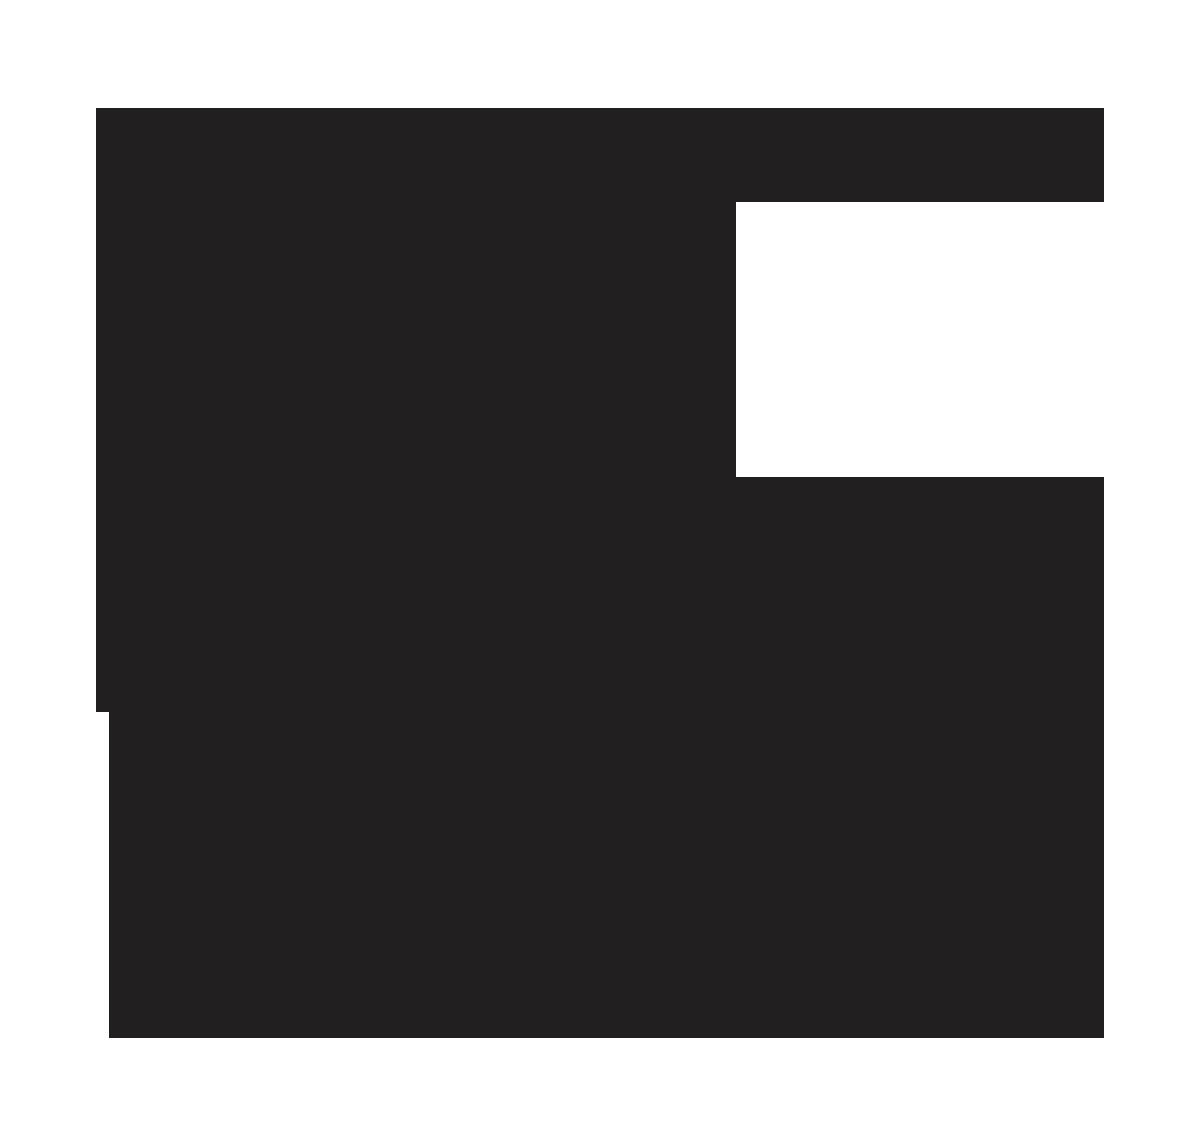 stg telecom